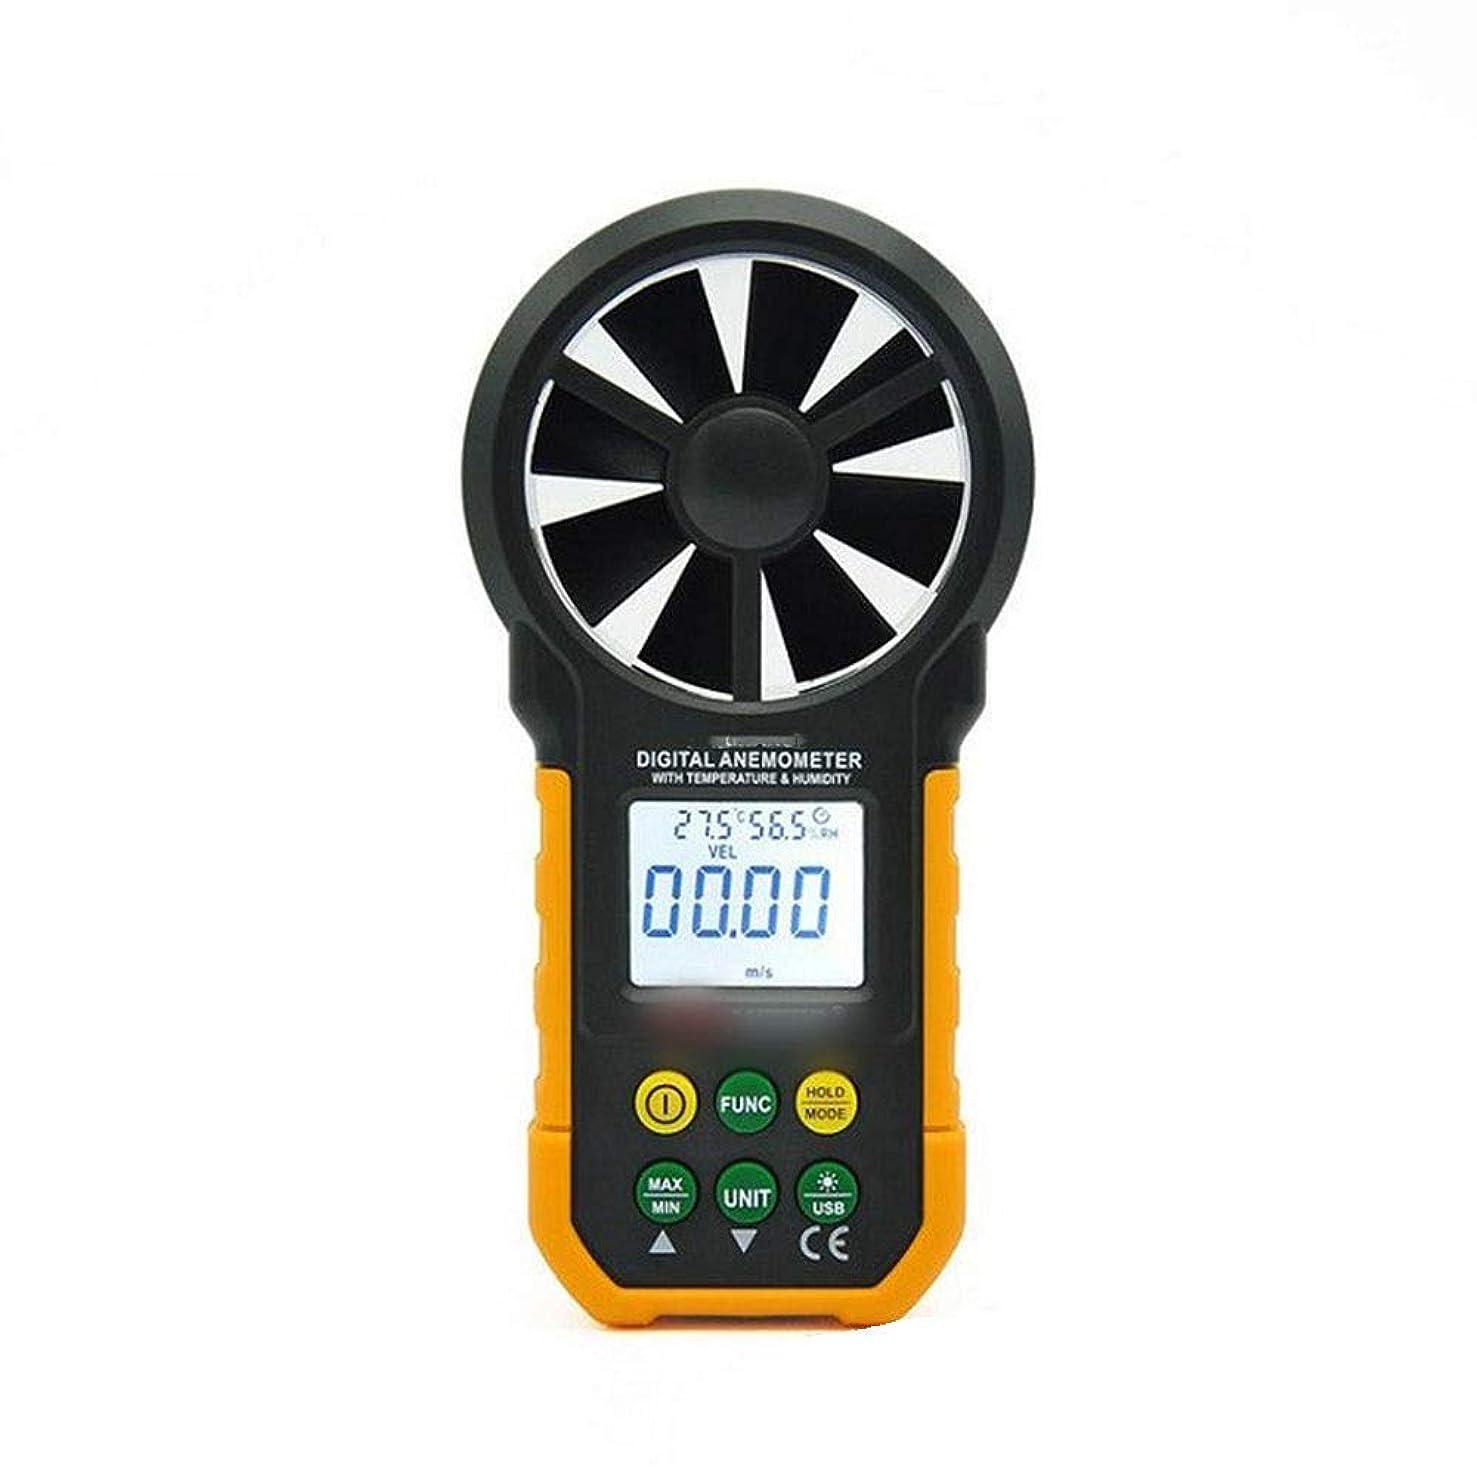 いつ突撃熱意JPAKIOS デジタル風速計ハンドヘルド高精度風量温度湿度計A/B (色 : A)